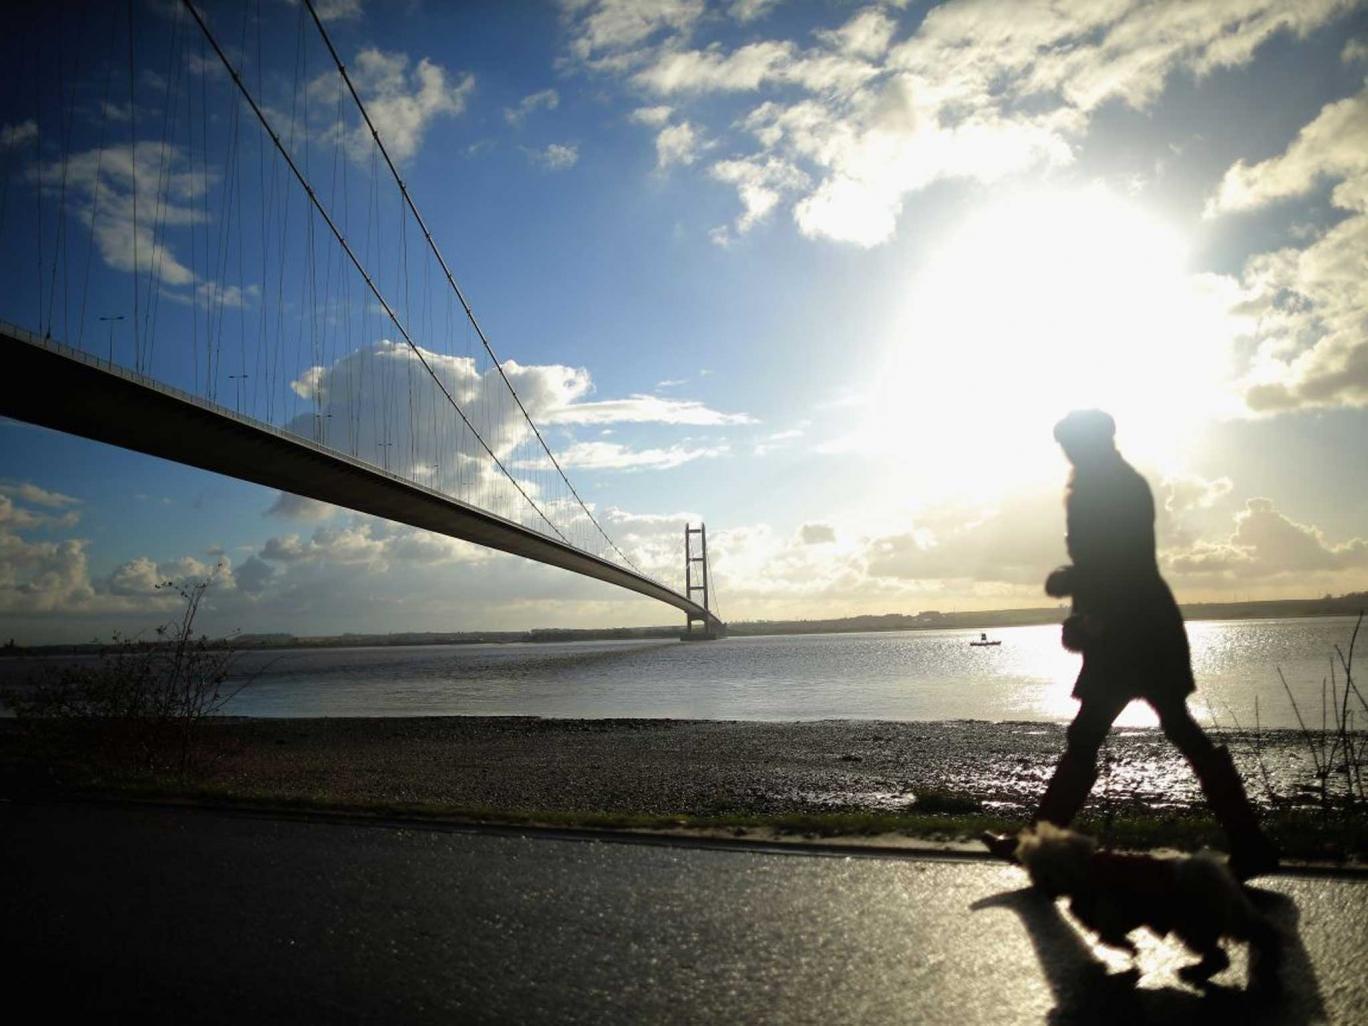 Humber Bridge, Hull